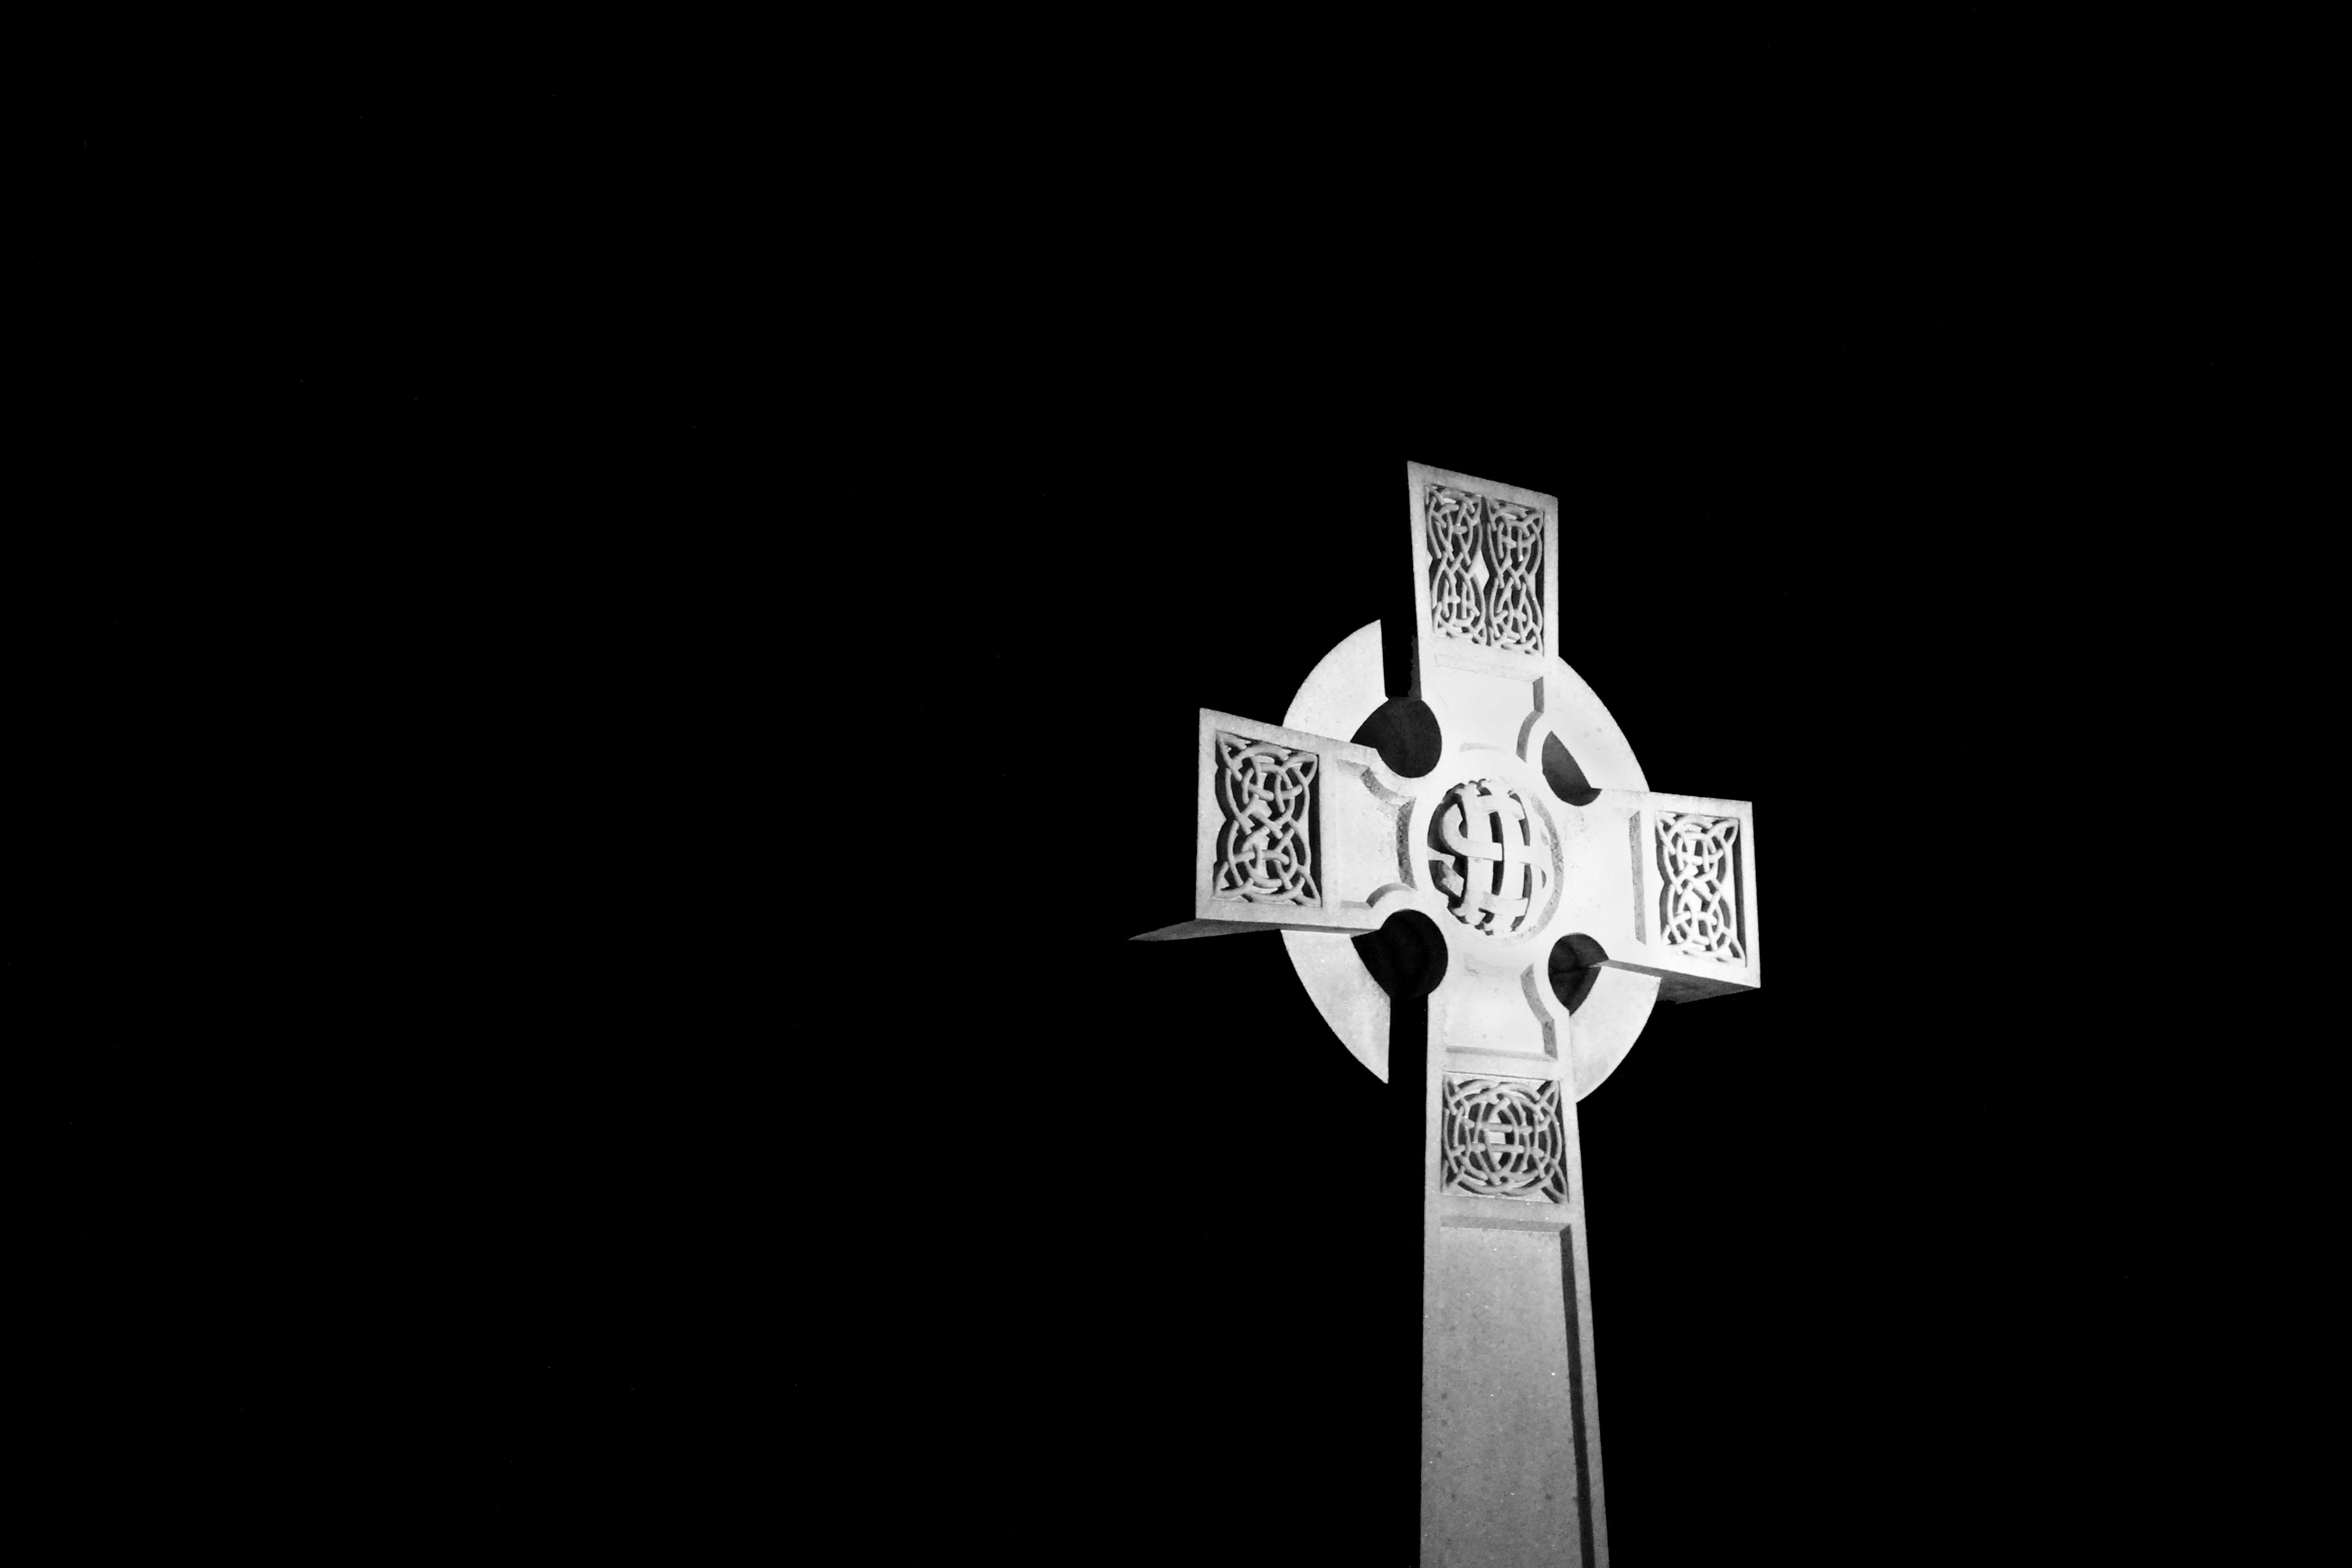 Celtic Cross in the Dark